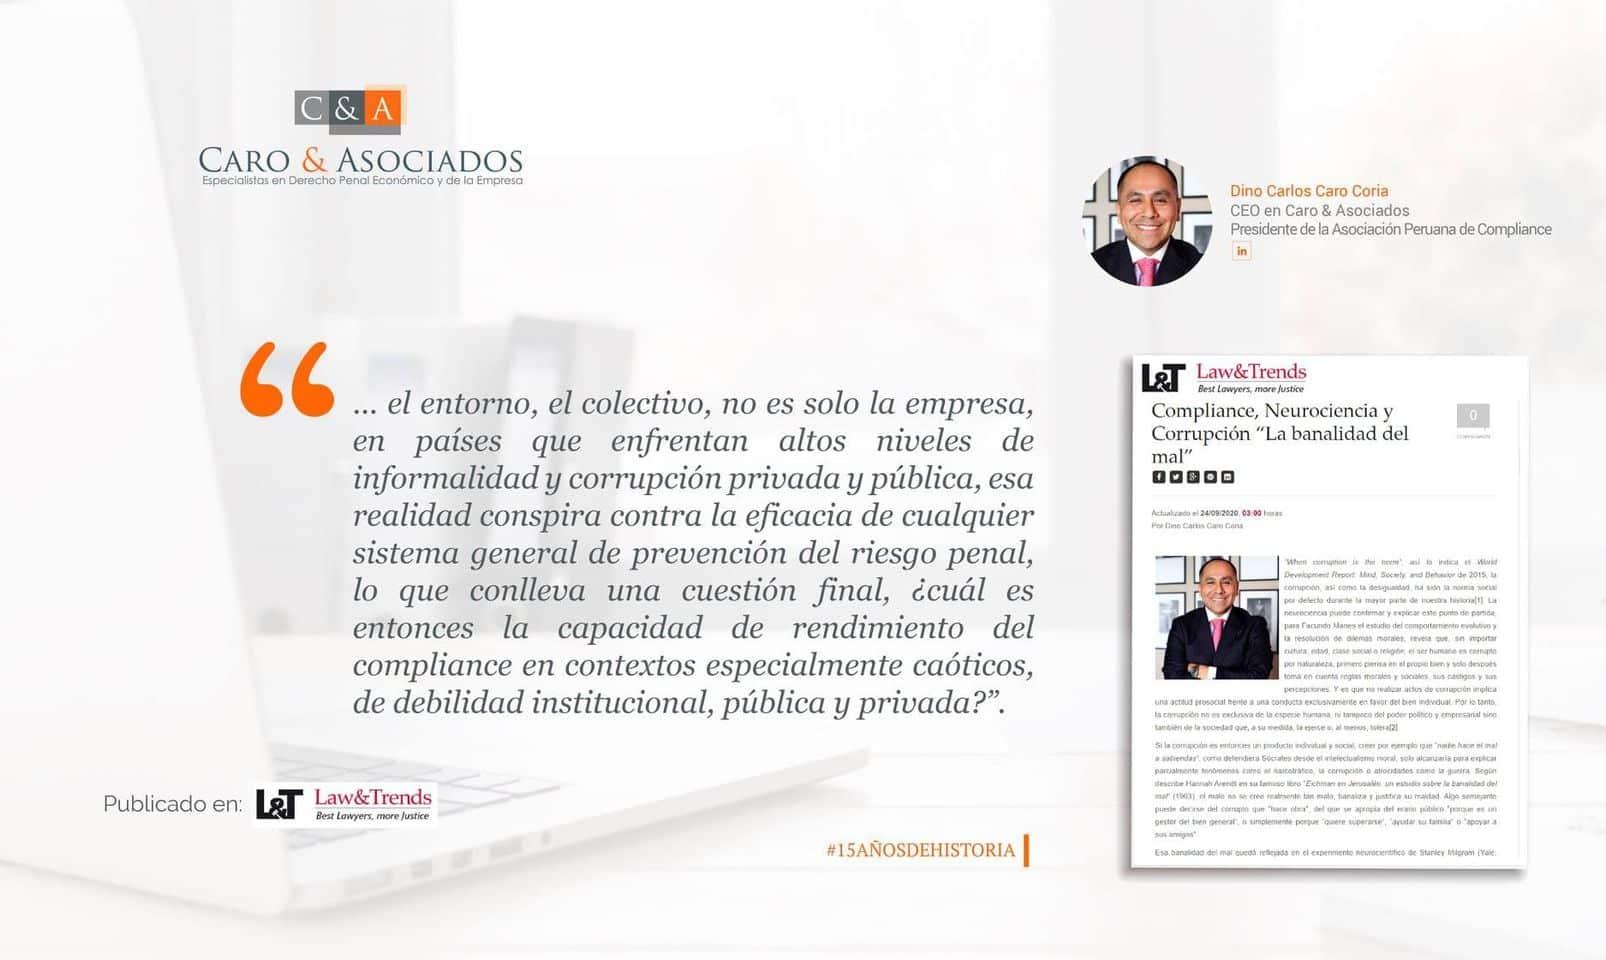 Dino Carlos Caro Coria, Artículo Publicado En Lawandtrends (Madrid) (24.9.20)